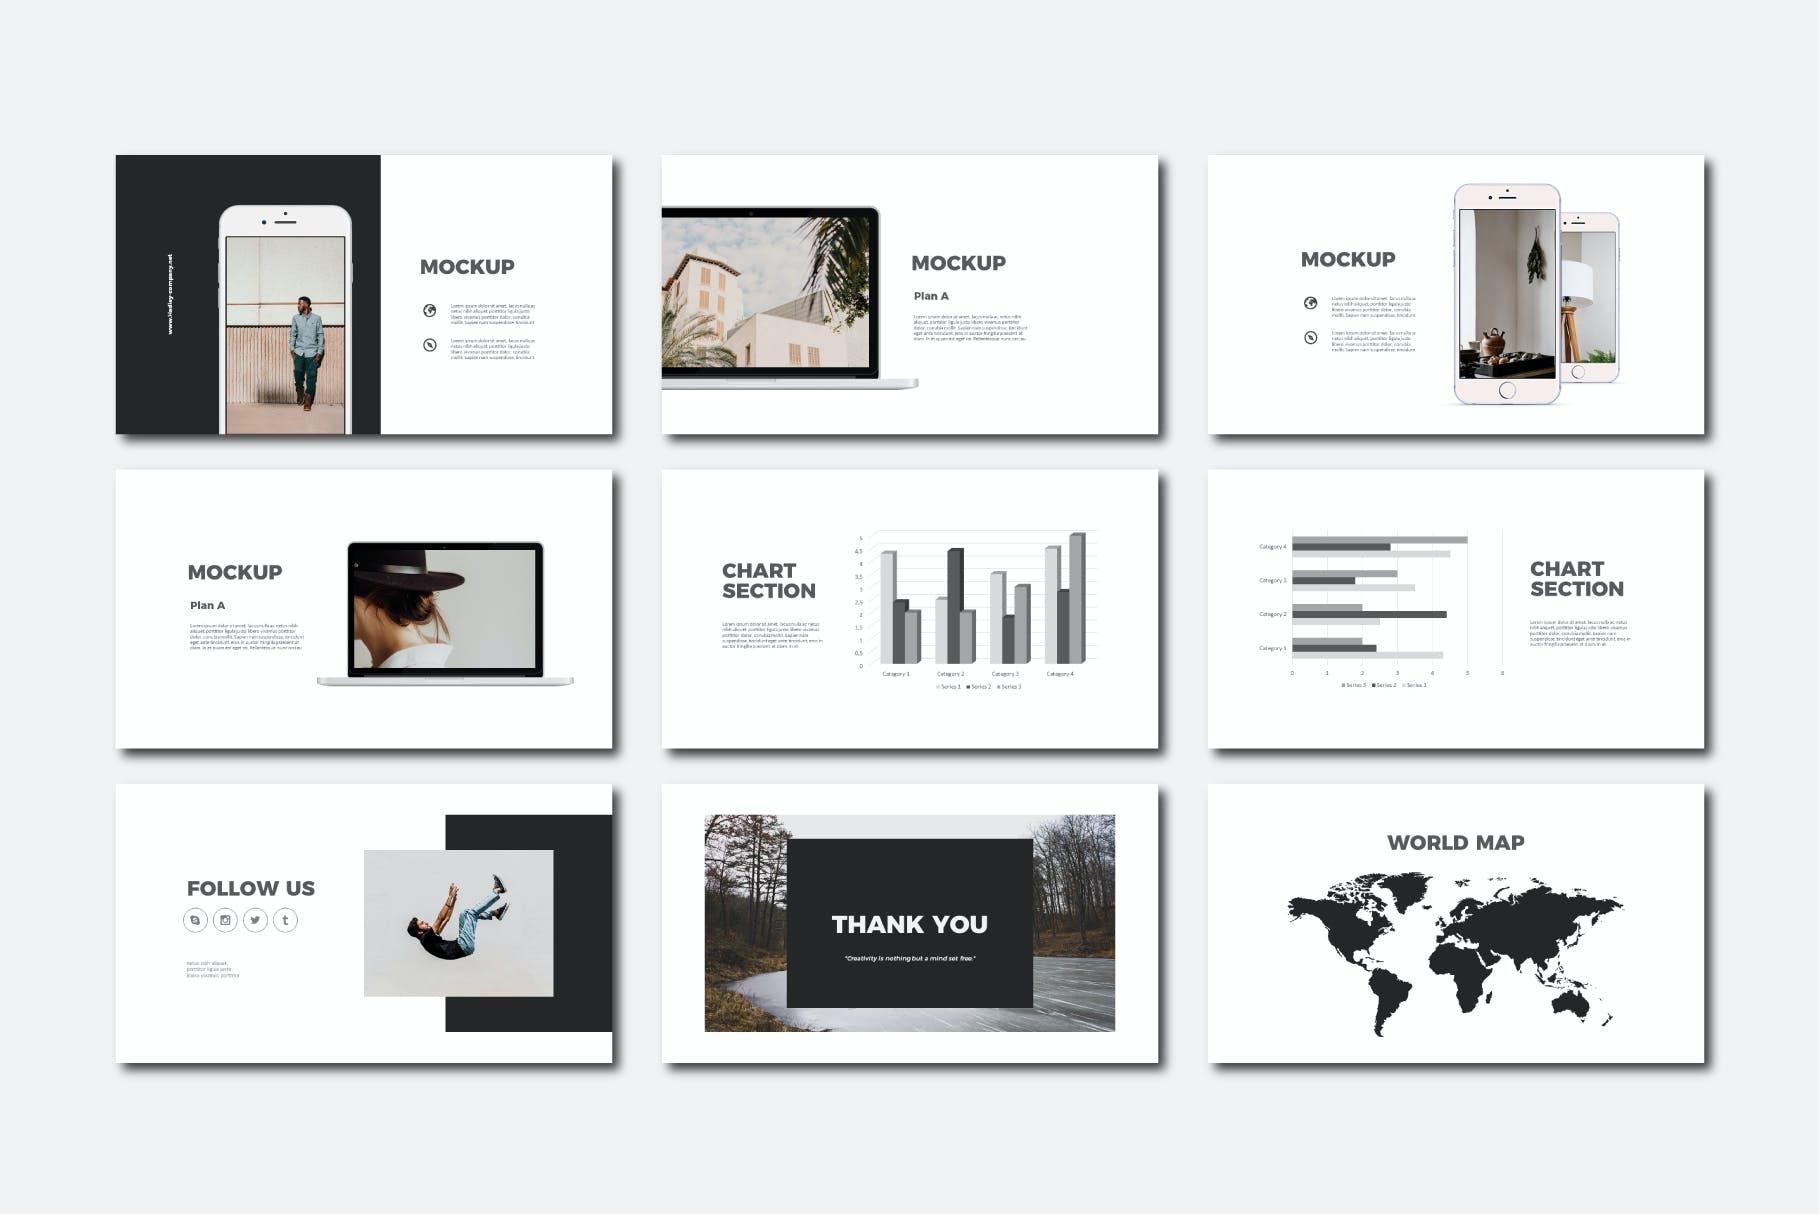 现代商务策划提报演示文稿设计素材模版 Hadley Bundle Presentation插图6